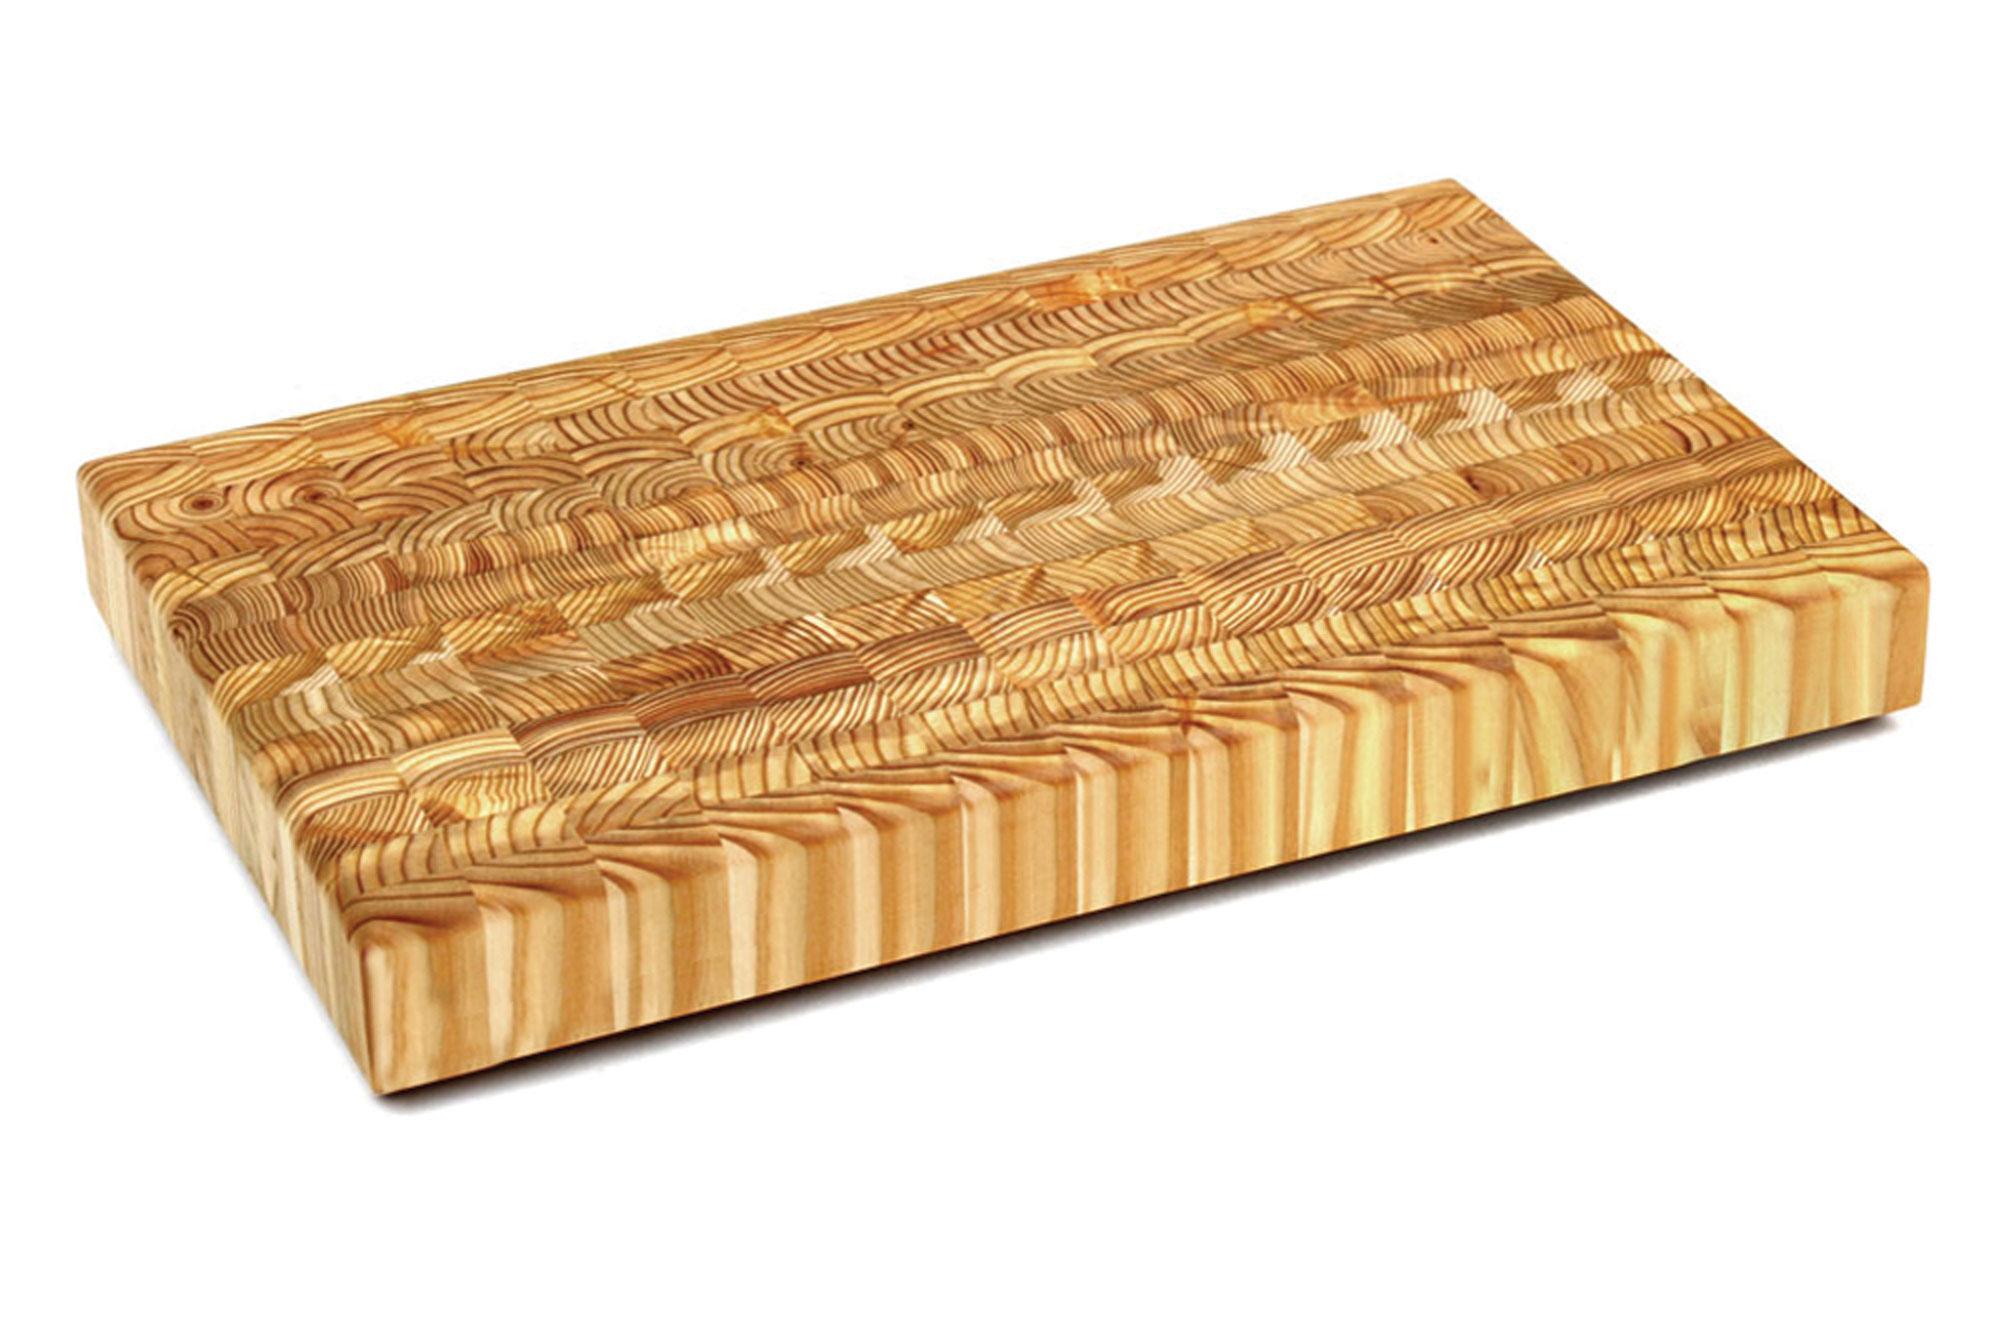 Larch Wood End Grain Cutting Board 18 X 11 75 X 2 Inch